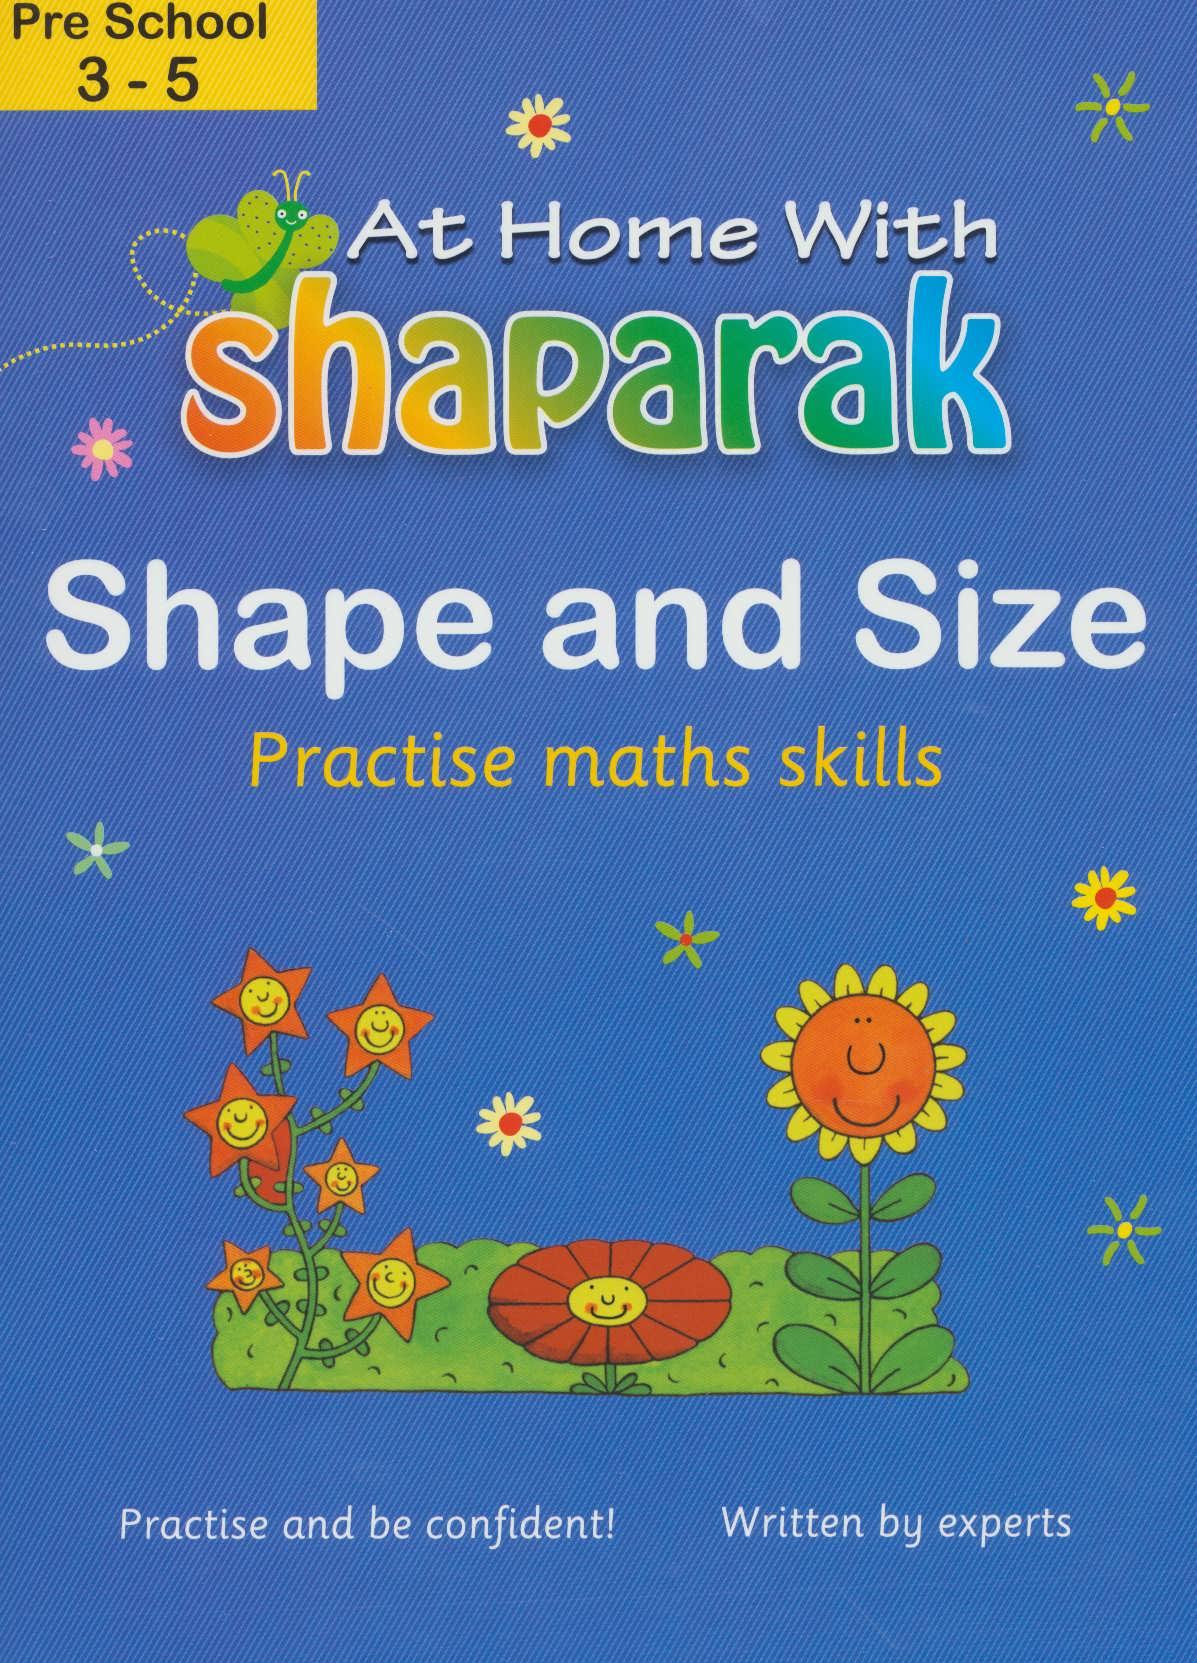 شاپرک سبز (آموزش شکل و اندازه:shape and size)،(انگلیسی)